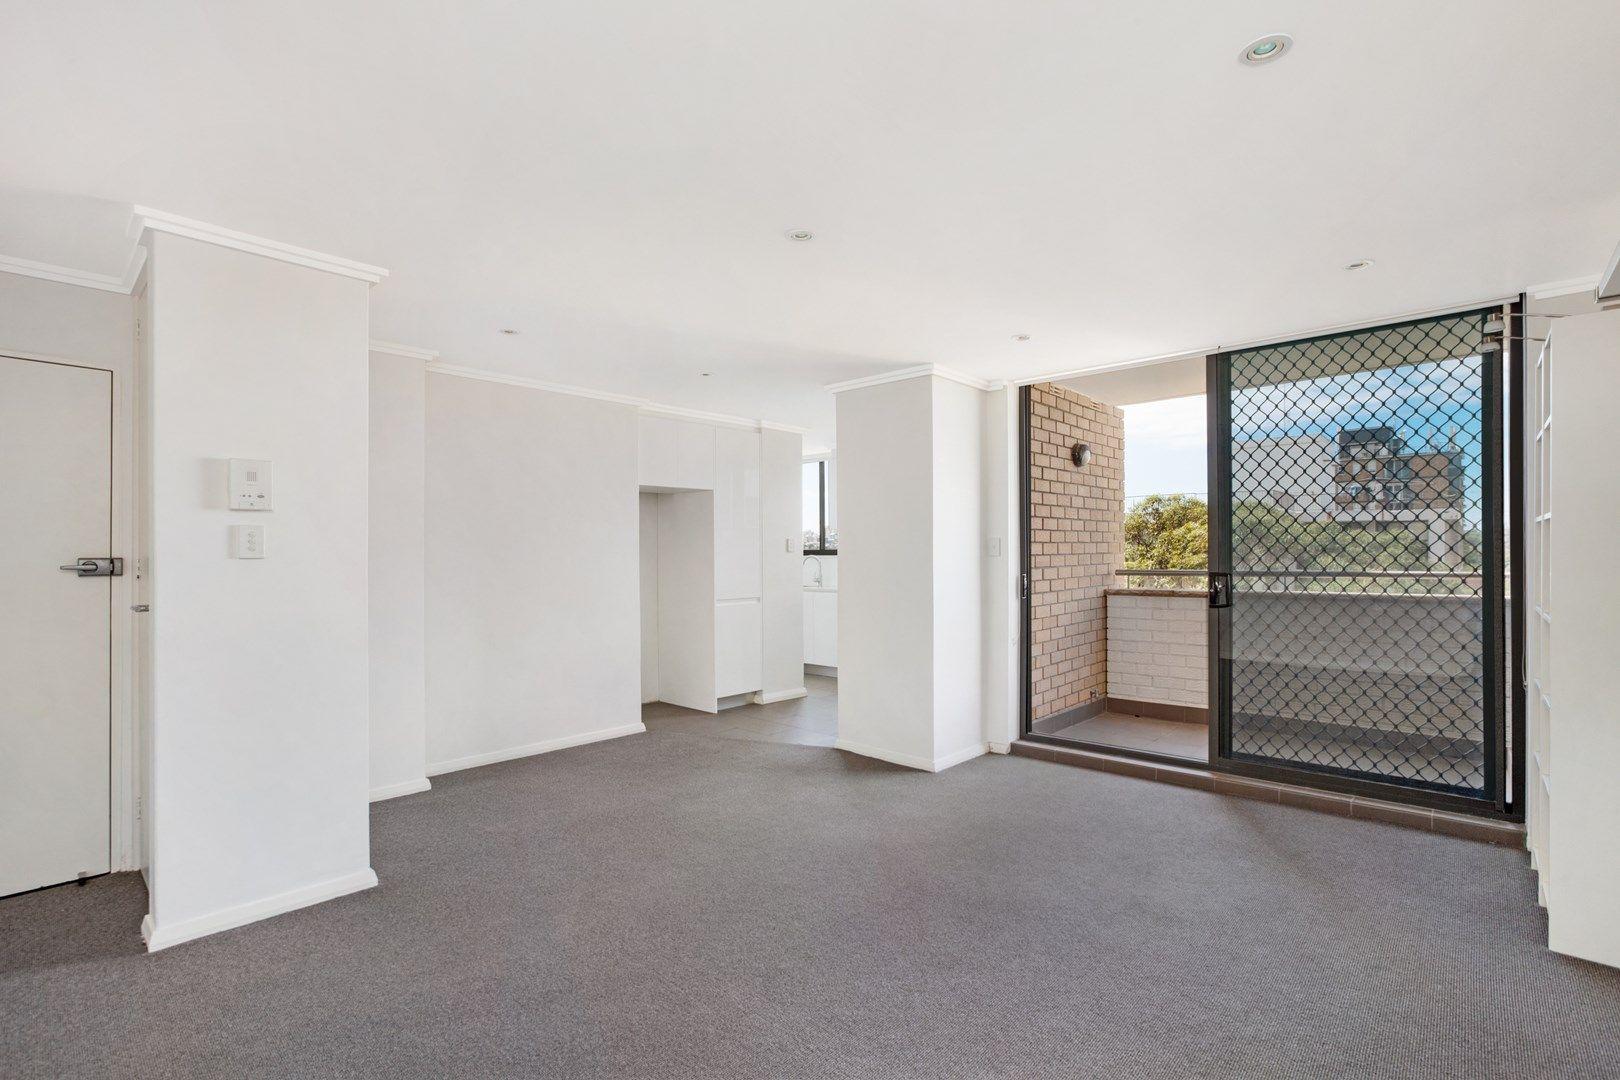 42/16 Boronia Street, Kensington NSW 2033, Image 0